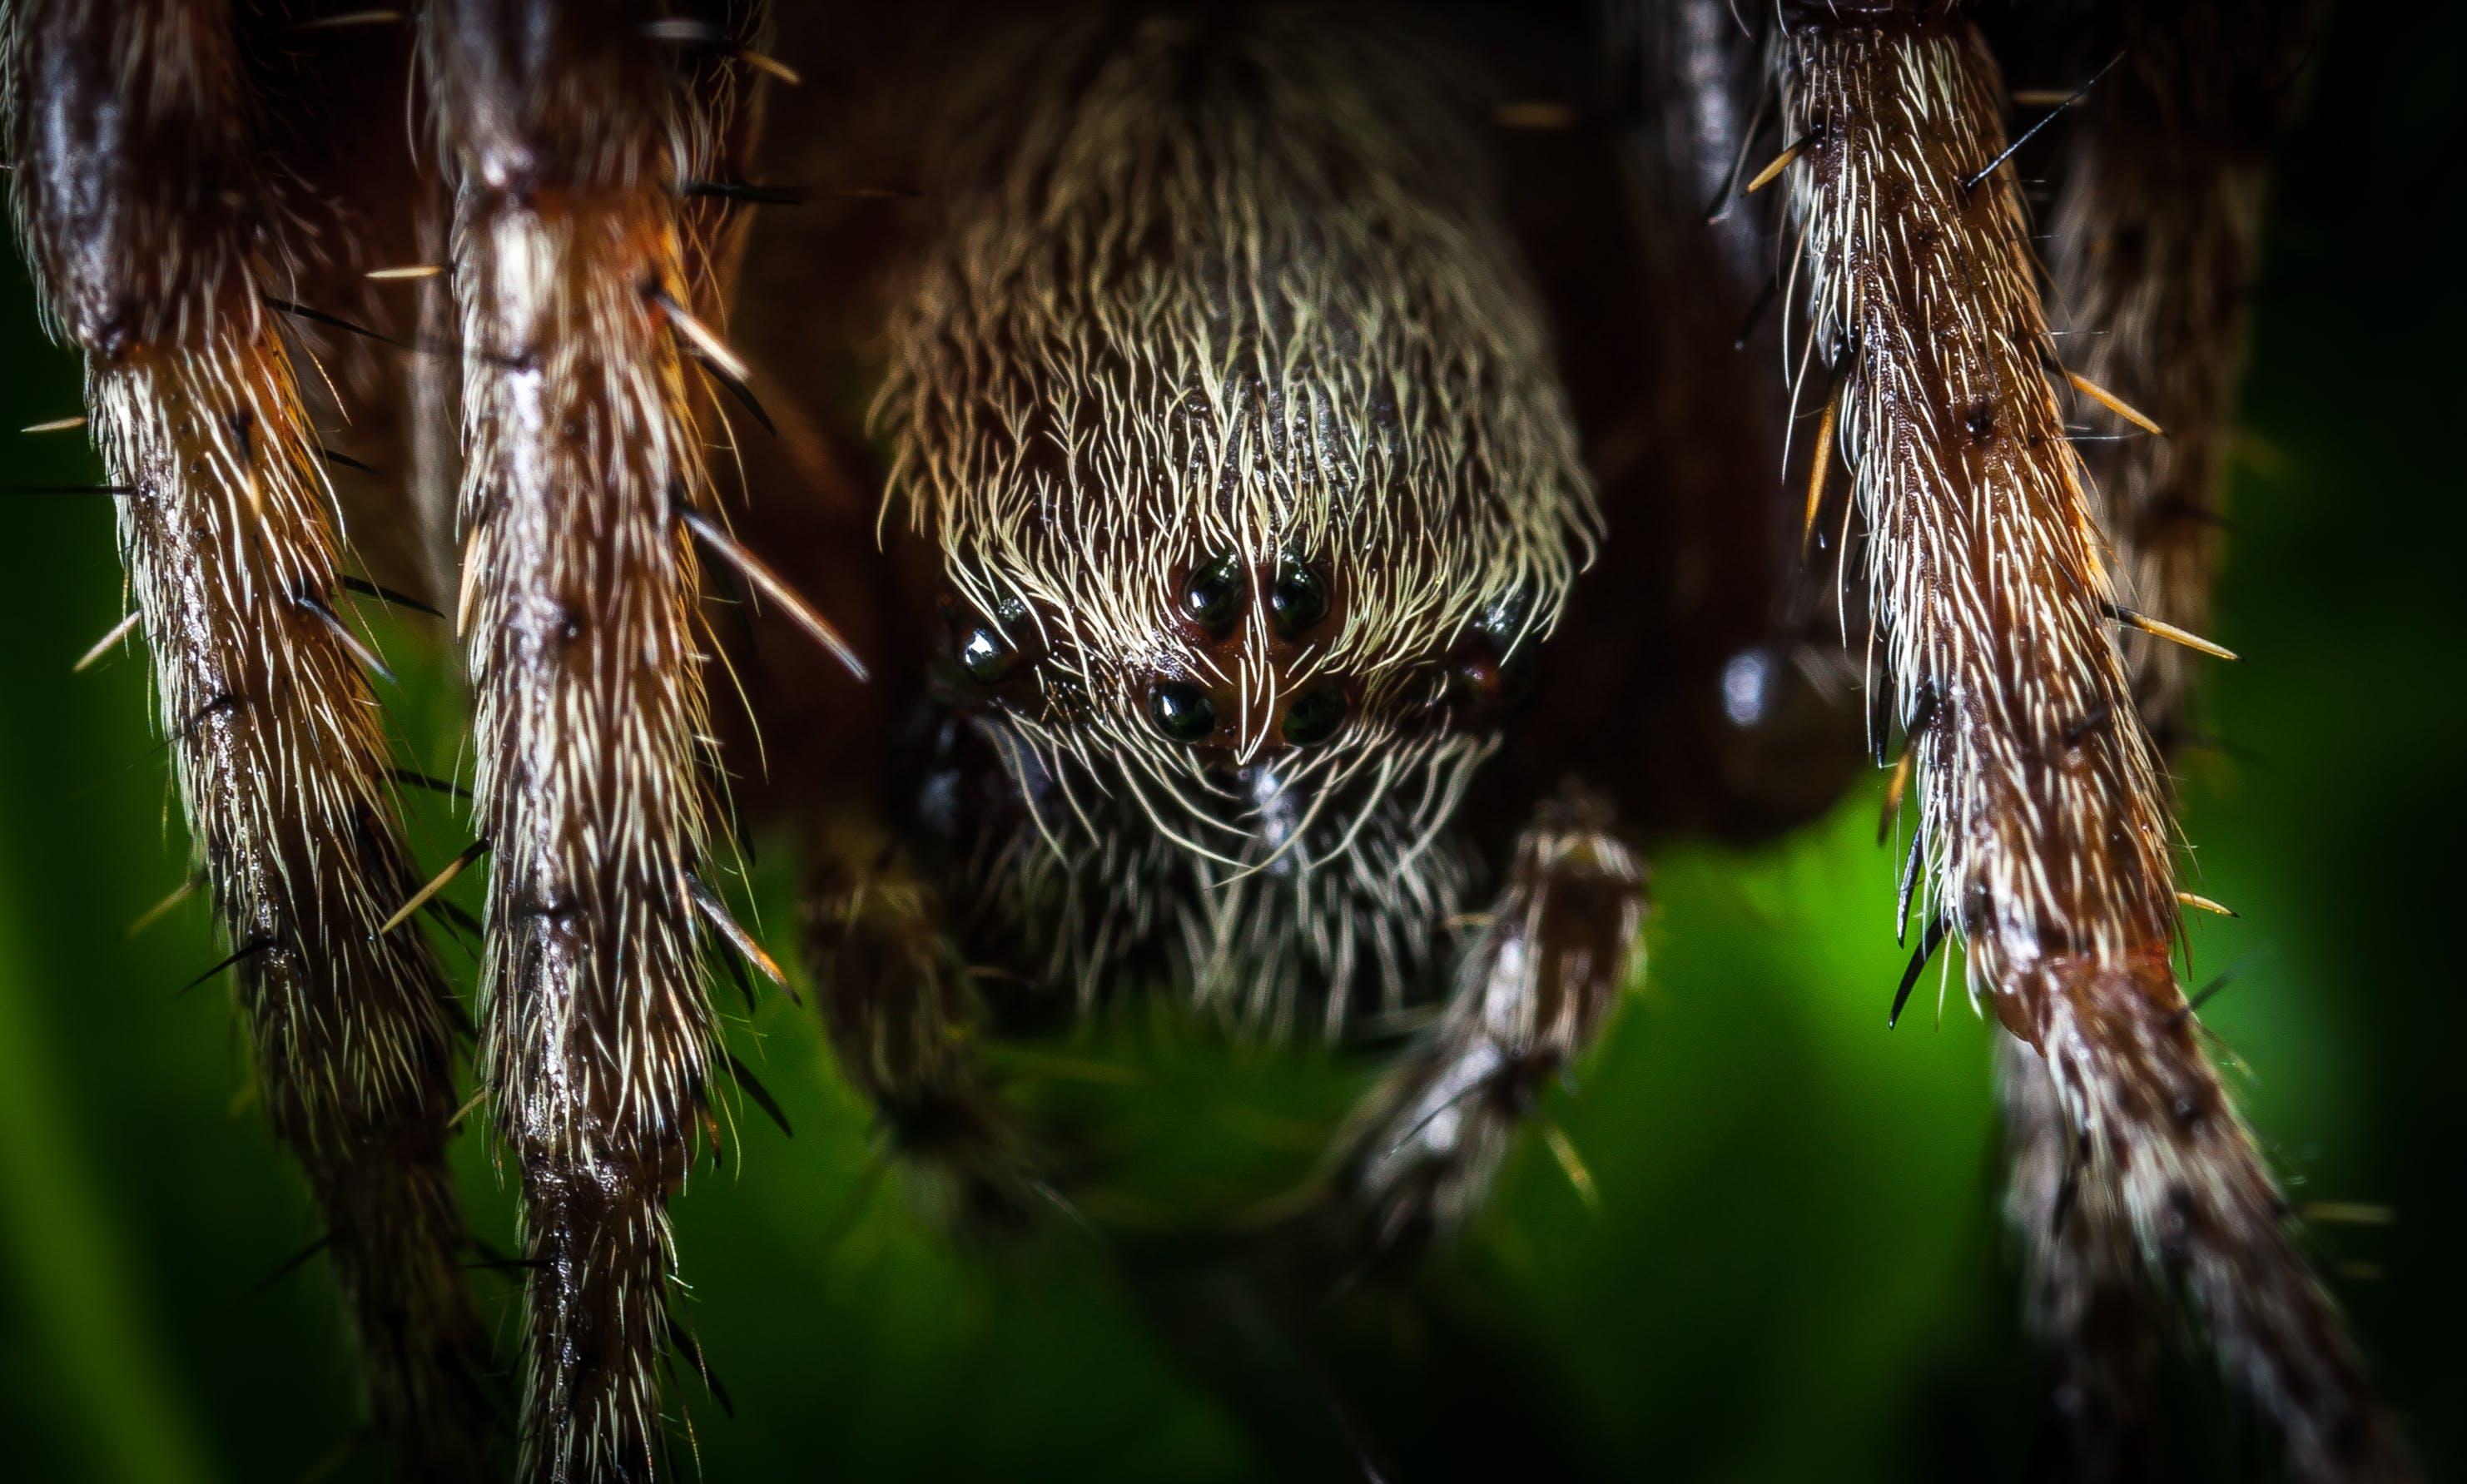 Fotos de stock gratuitas de animal, arácnido, araña, cabello